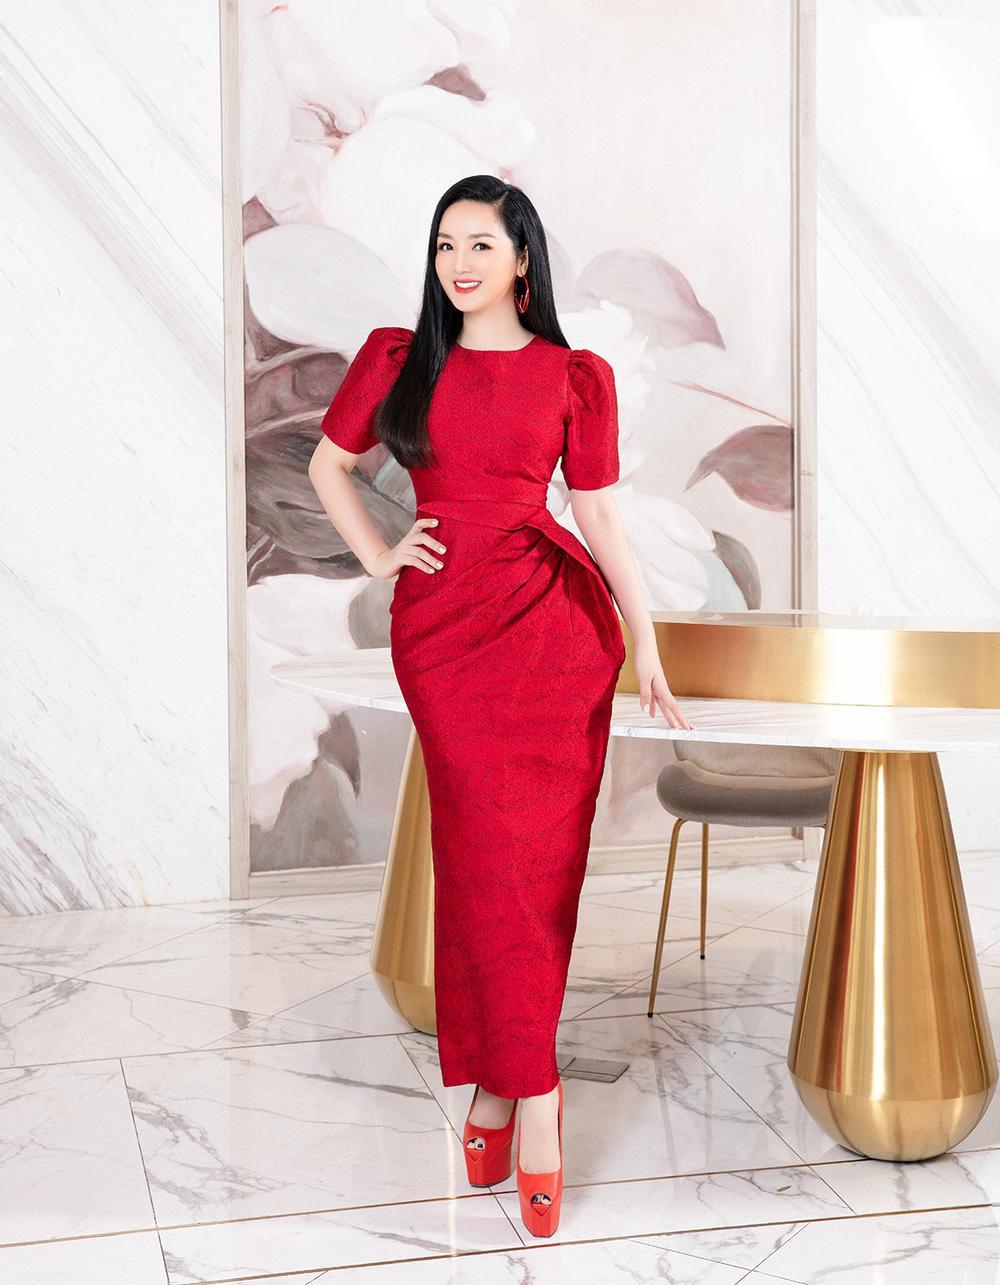 Hoa hậu Giáng My tiết lộ 'bí quyết vàng' để siết cân, giữ gìn vóc dáng Ảnh 3